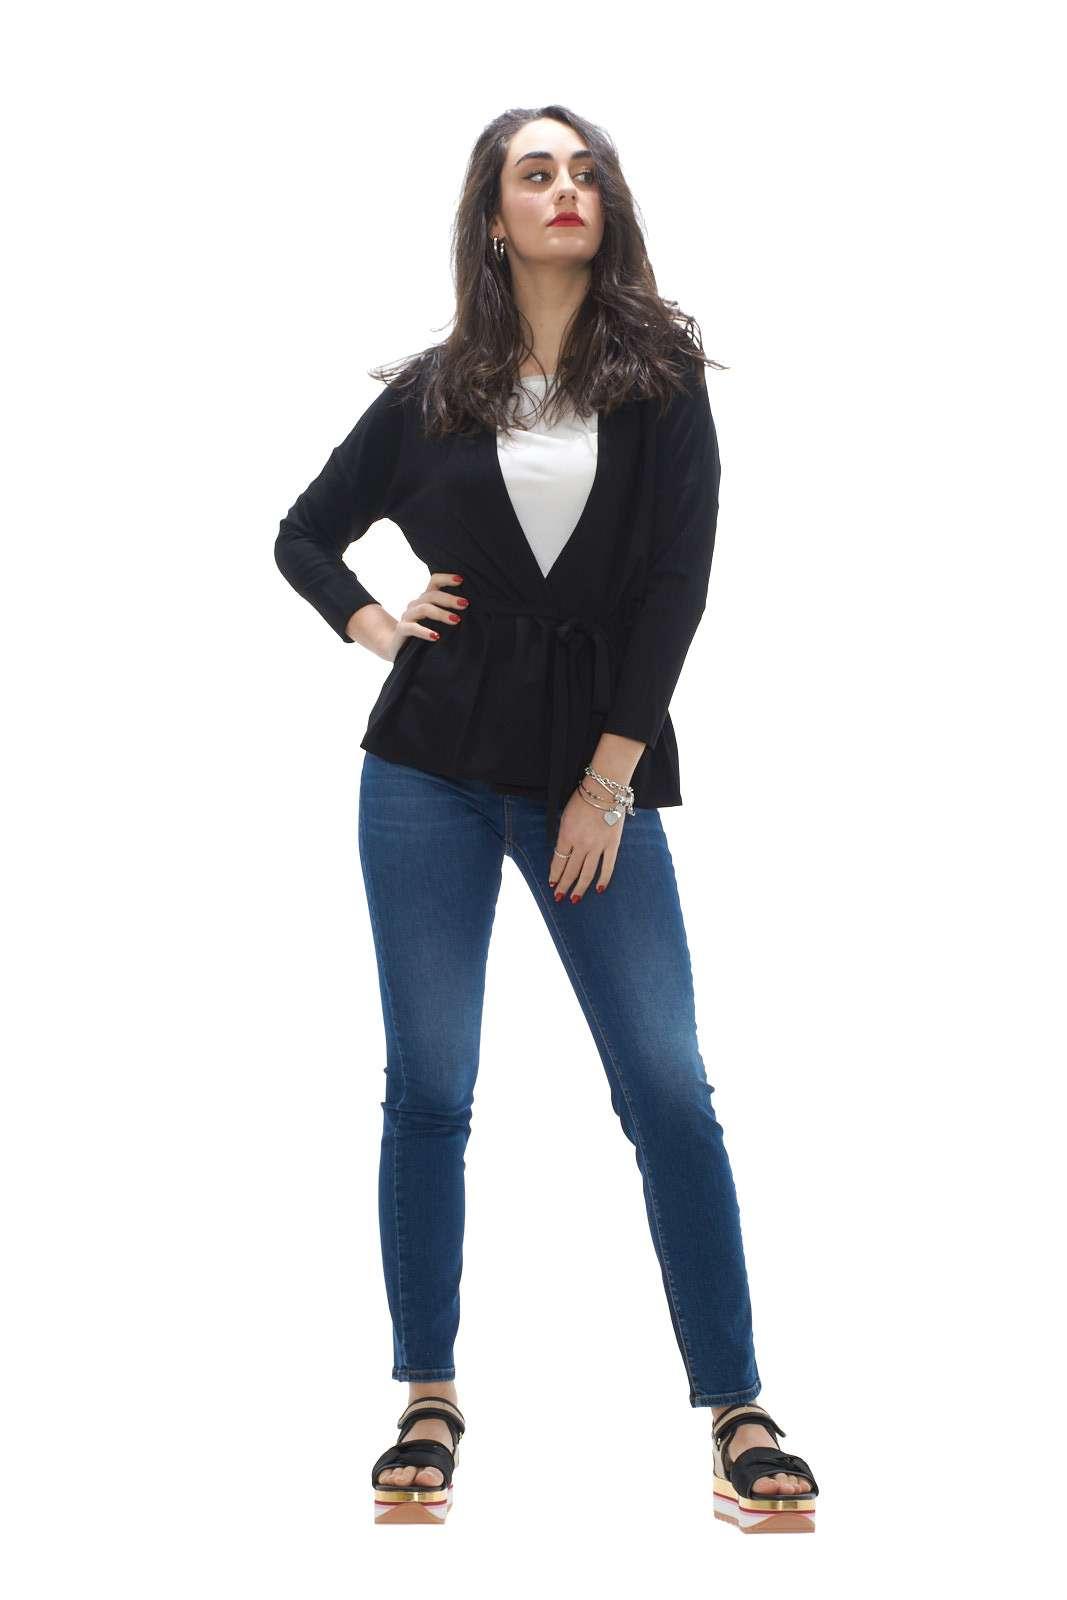 https://www.parmax.com/media/catalog/product/a/i/PE-outlet_parmax-cardigan-donna-MaxMara-53410197-D.jpg